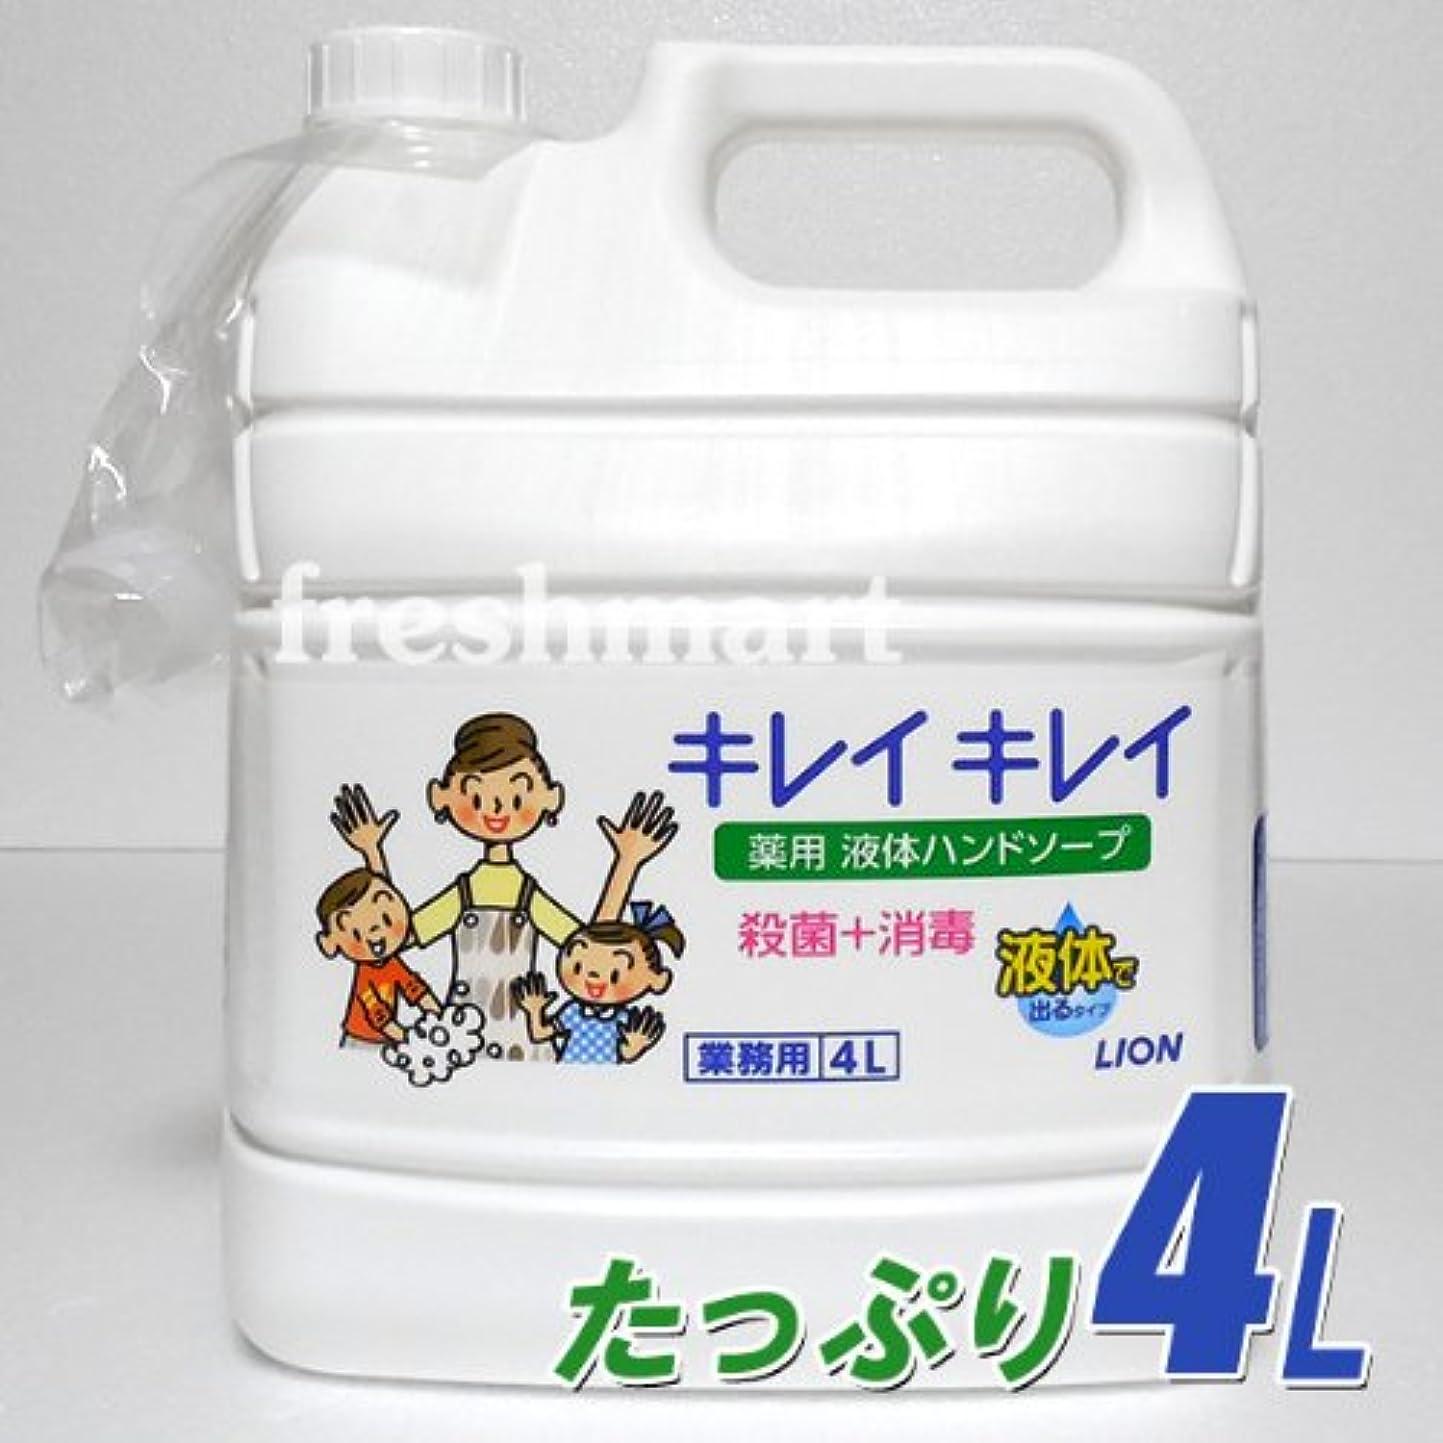 設置嫌なスカリー☆100%植物性洗浄成分使用☆ ライオン キレイキレイ 薬用液体ハンドソープ つめかえ用4L 業務用 大容量 ボトル